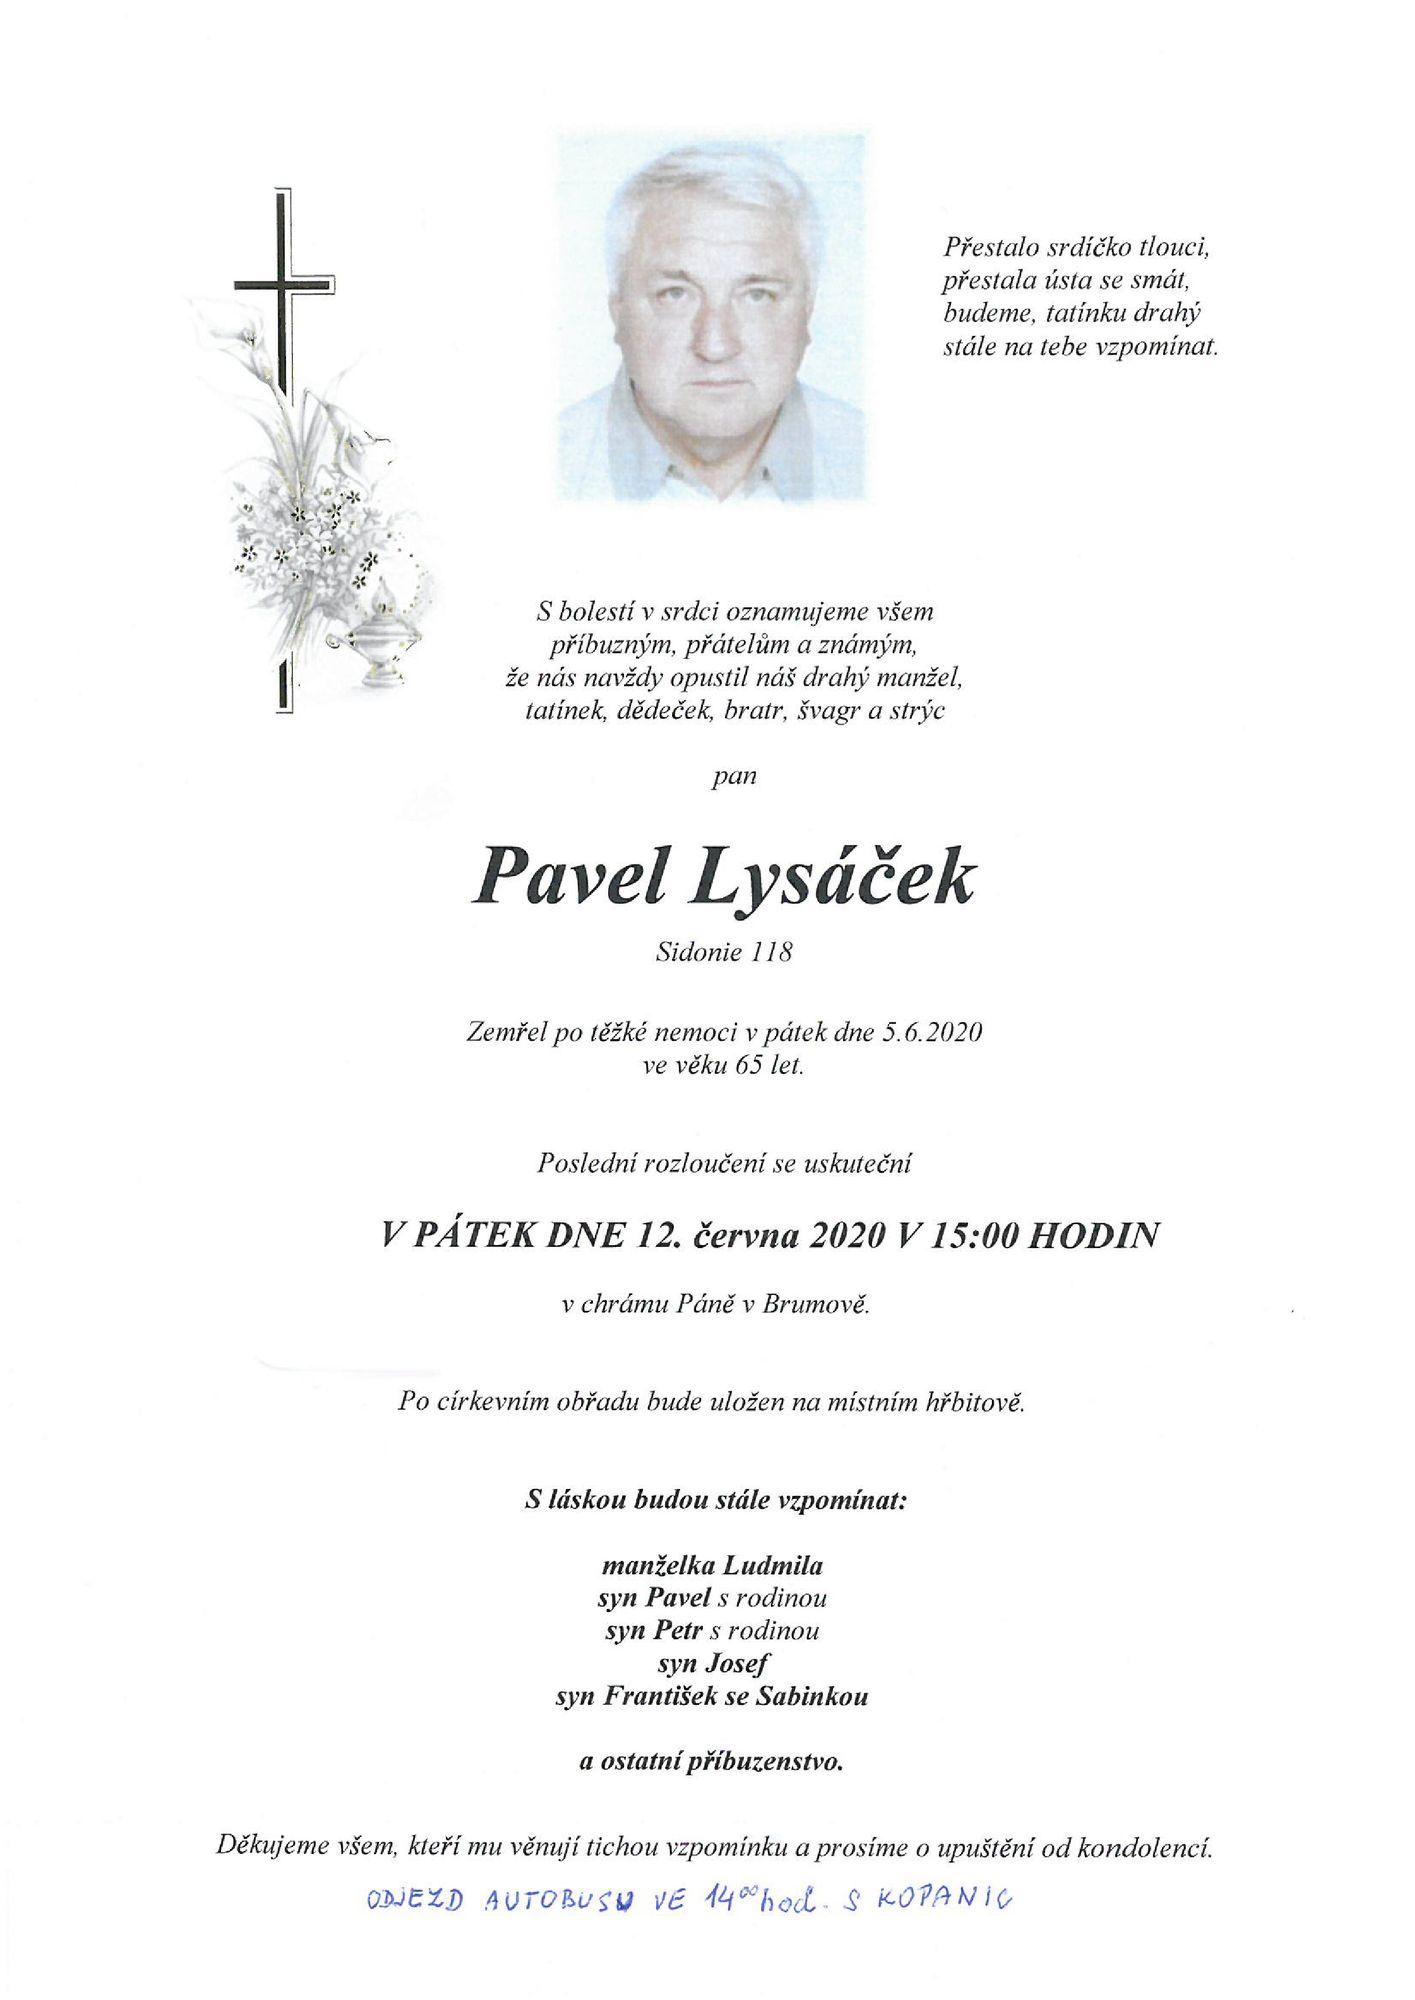 Pavel Lysáček